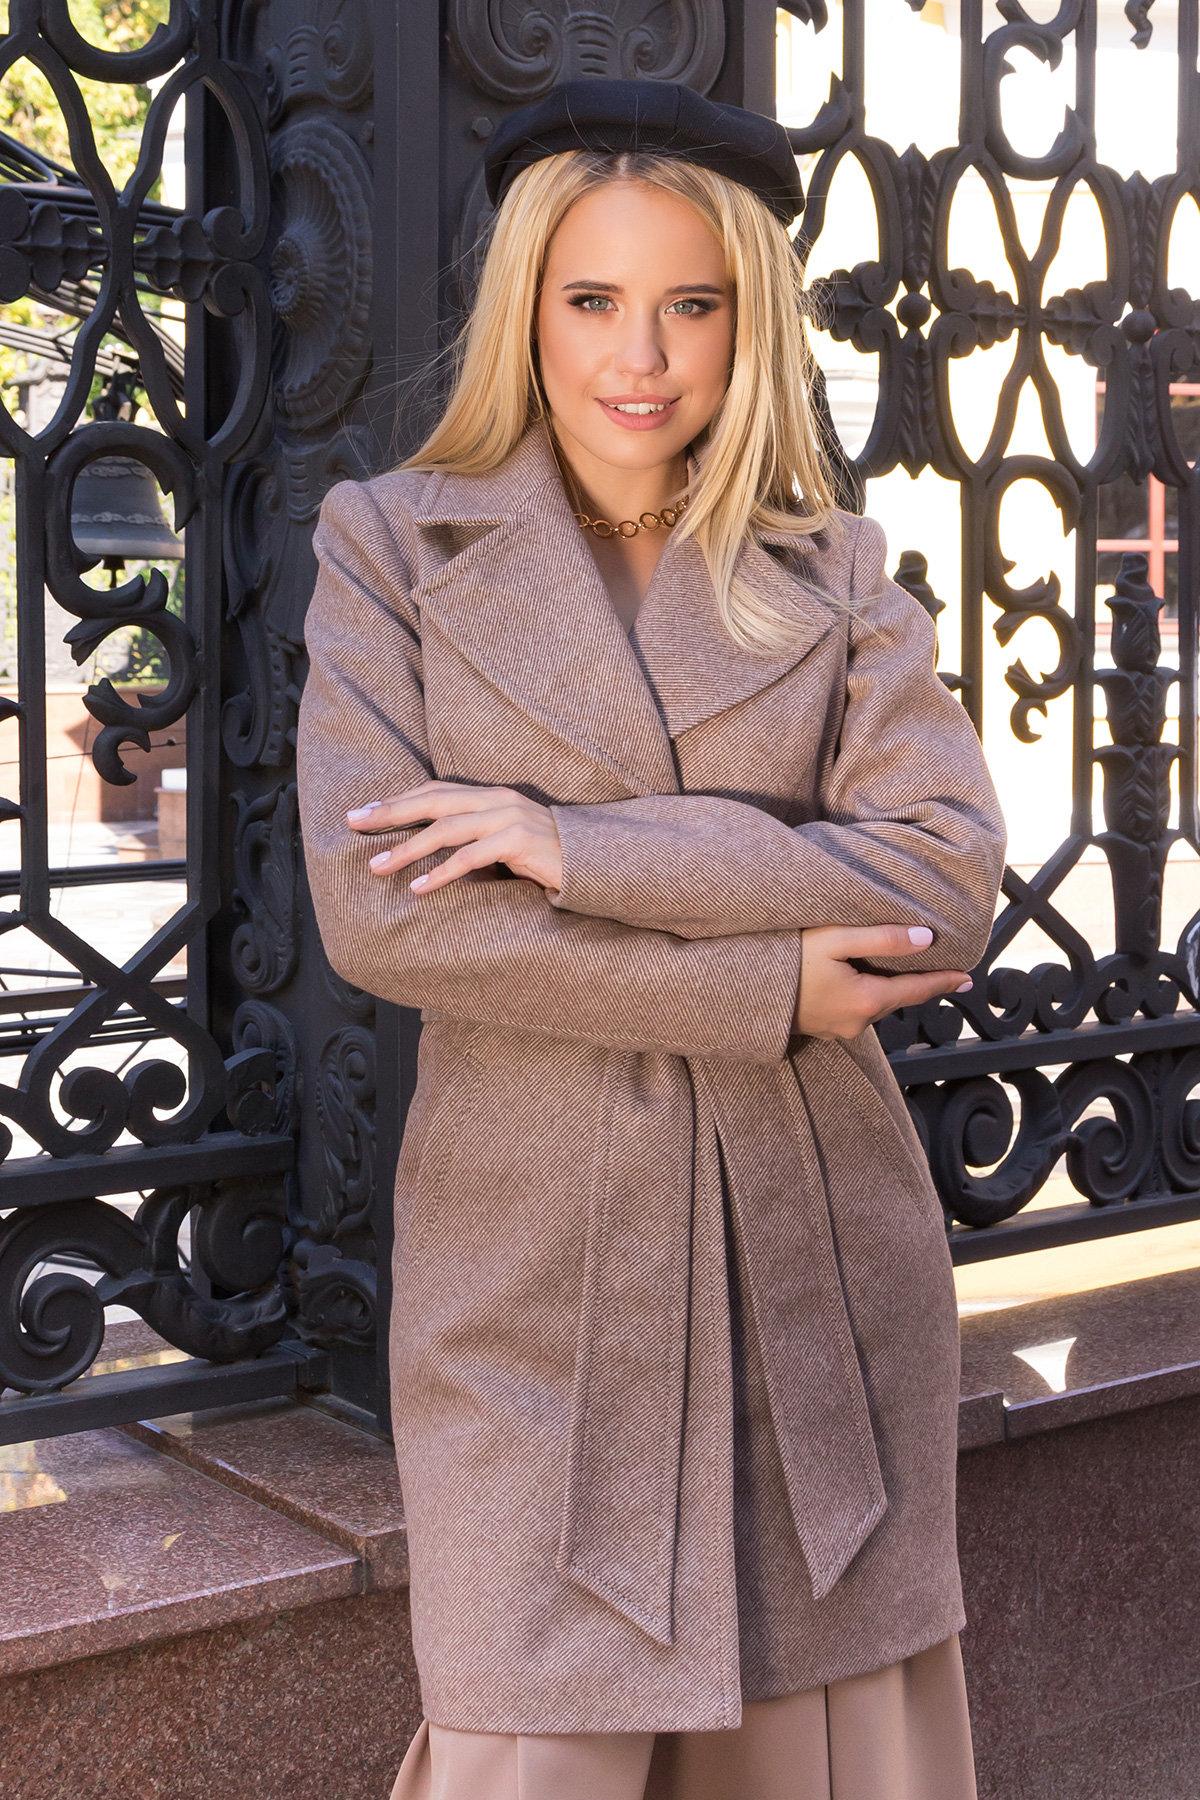 Пальто Камила 7901 АРТ. 43856 Цвет: Бежевый - фото 4, интернет магазин tm-modus.ru